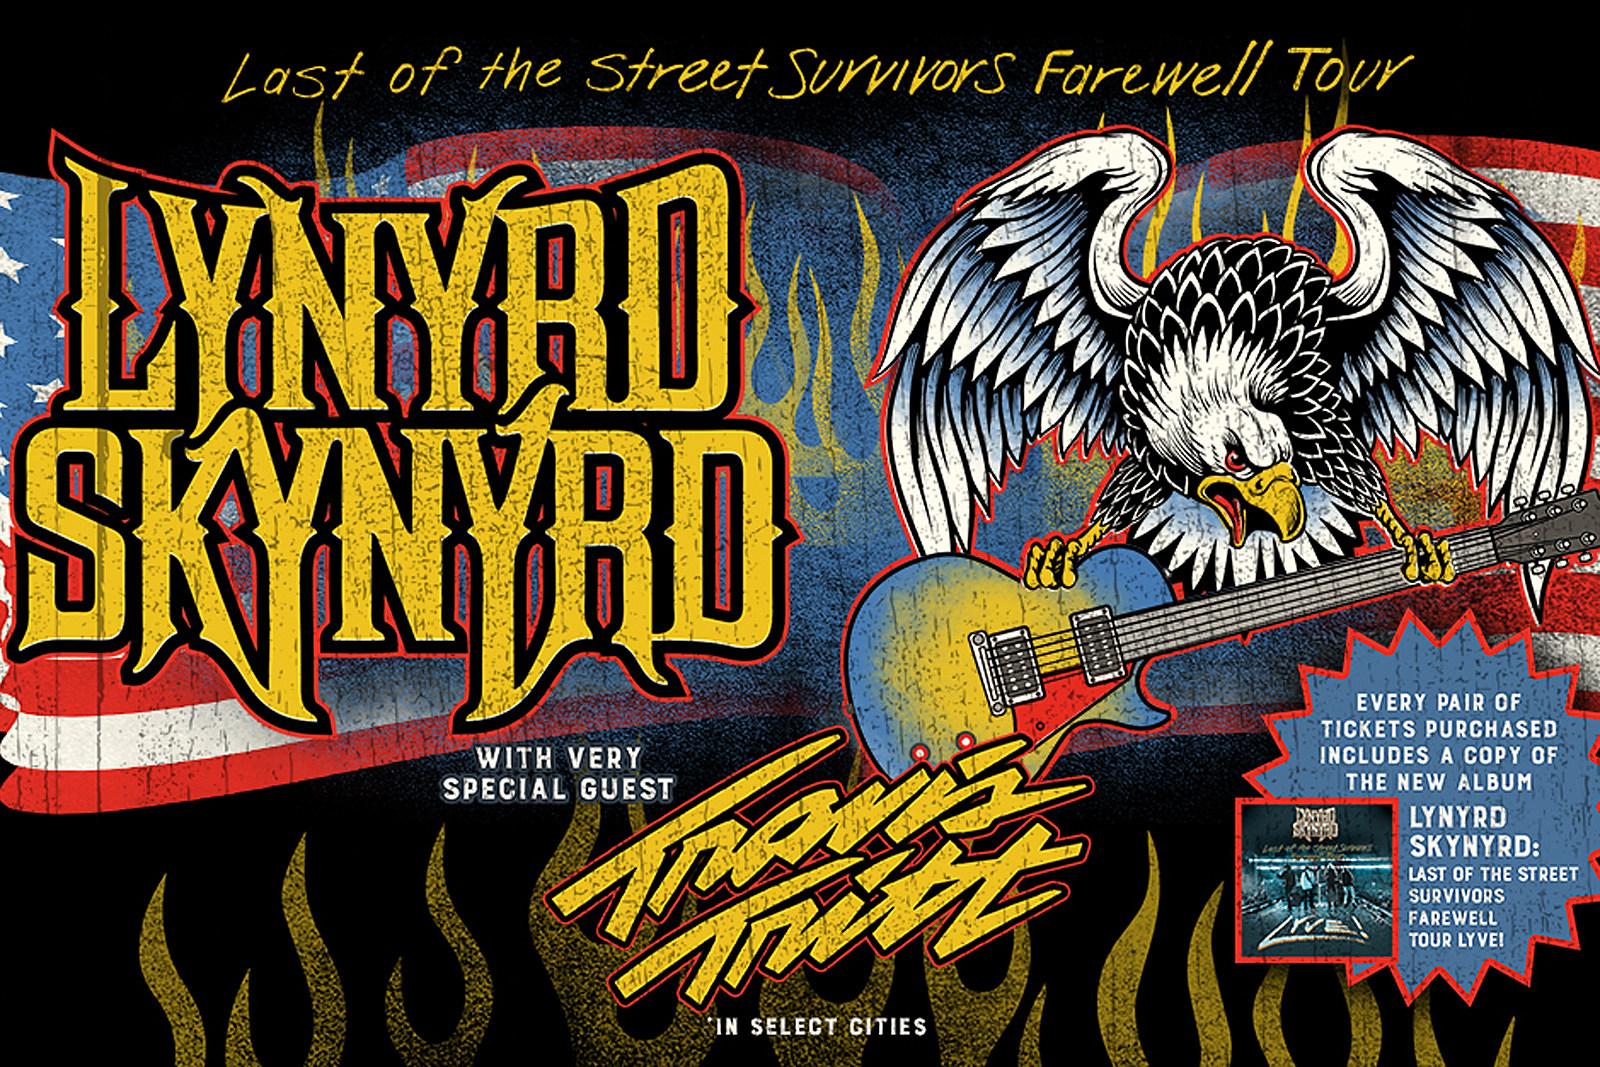 Lynyrd Skynyrd Tour 2020.Lynyrd Skynyrd Announces 2020 U S Tour Dates